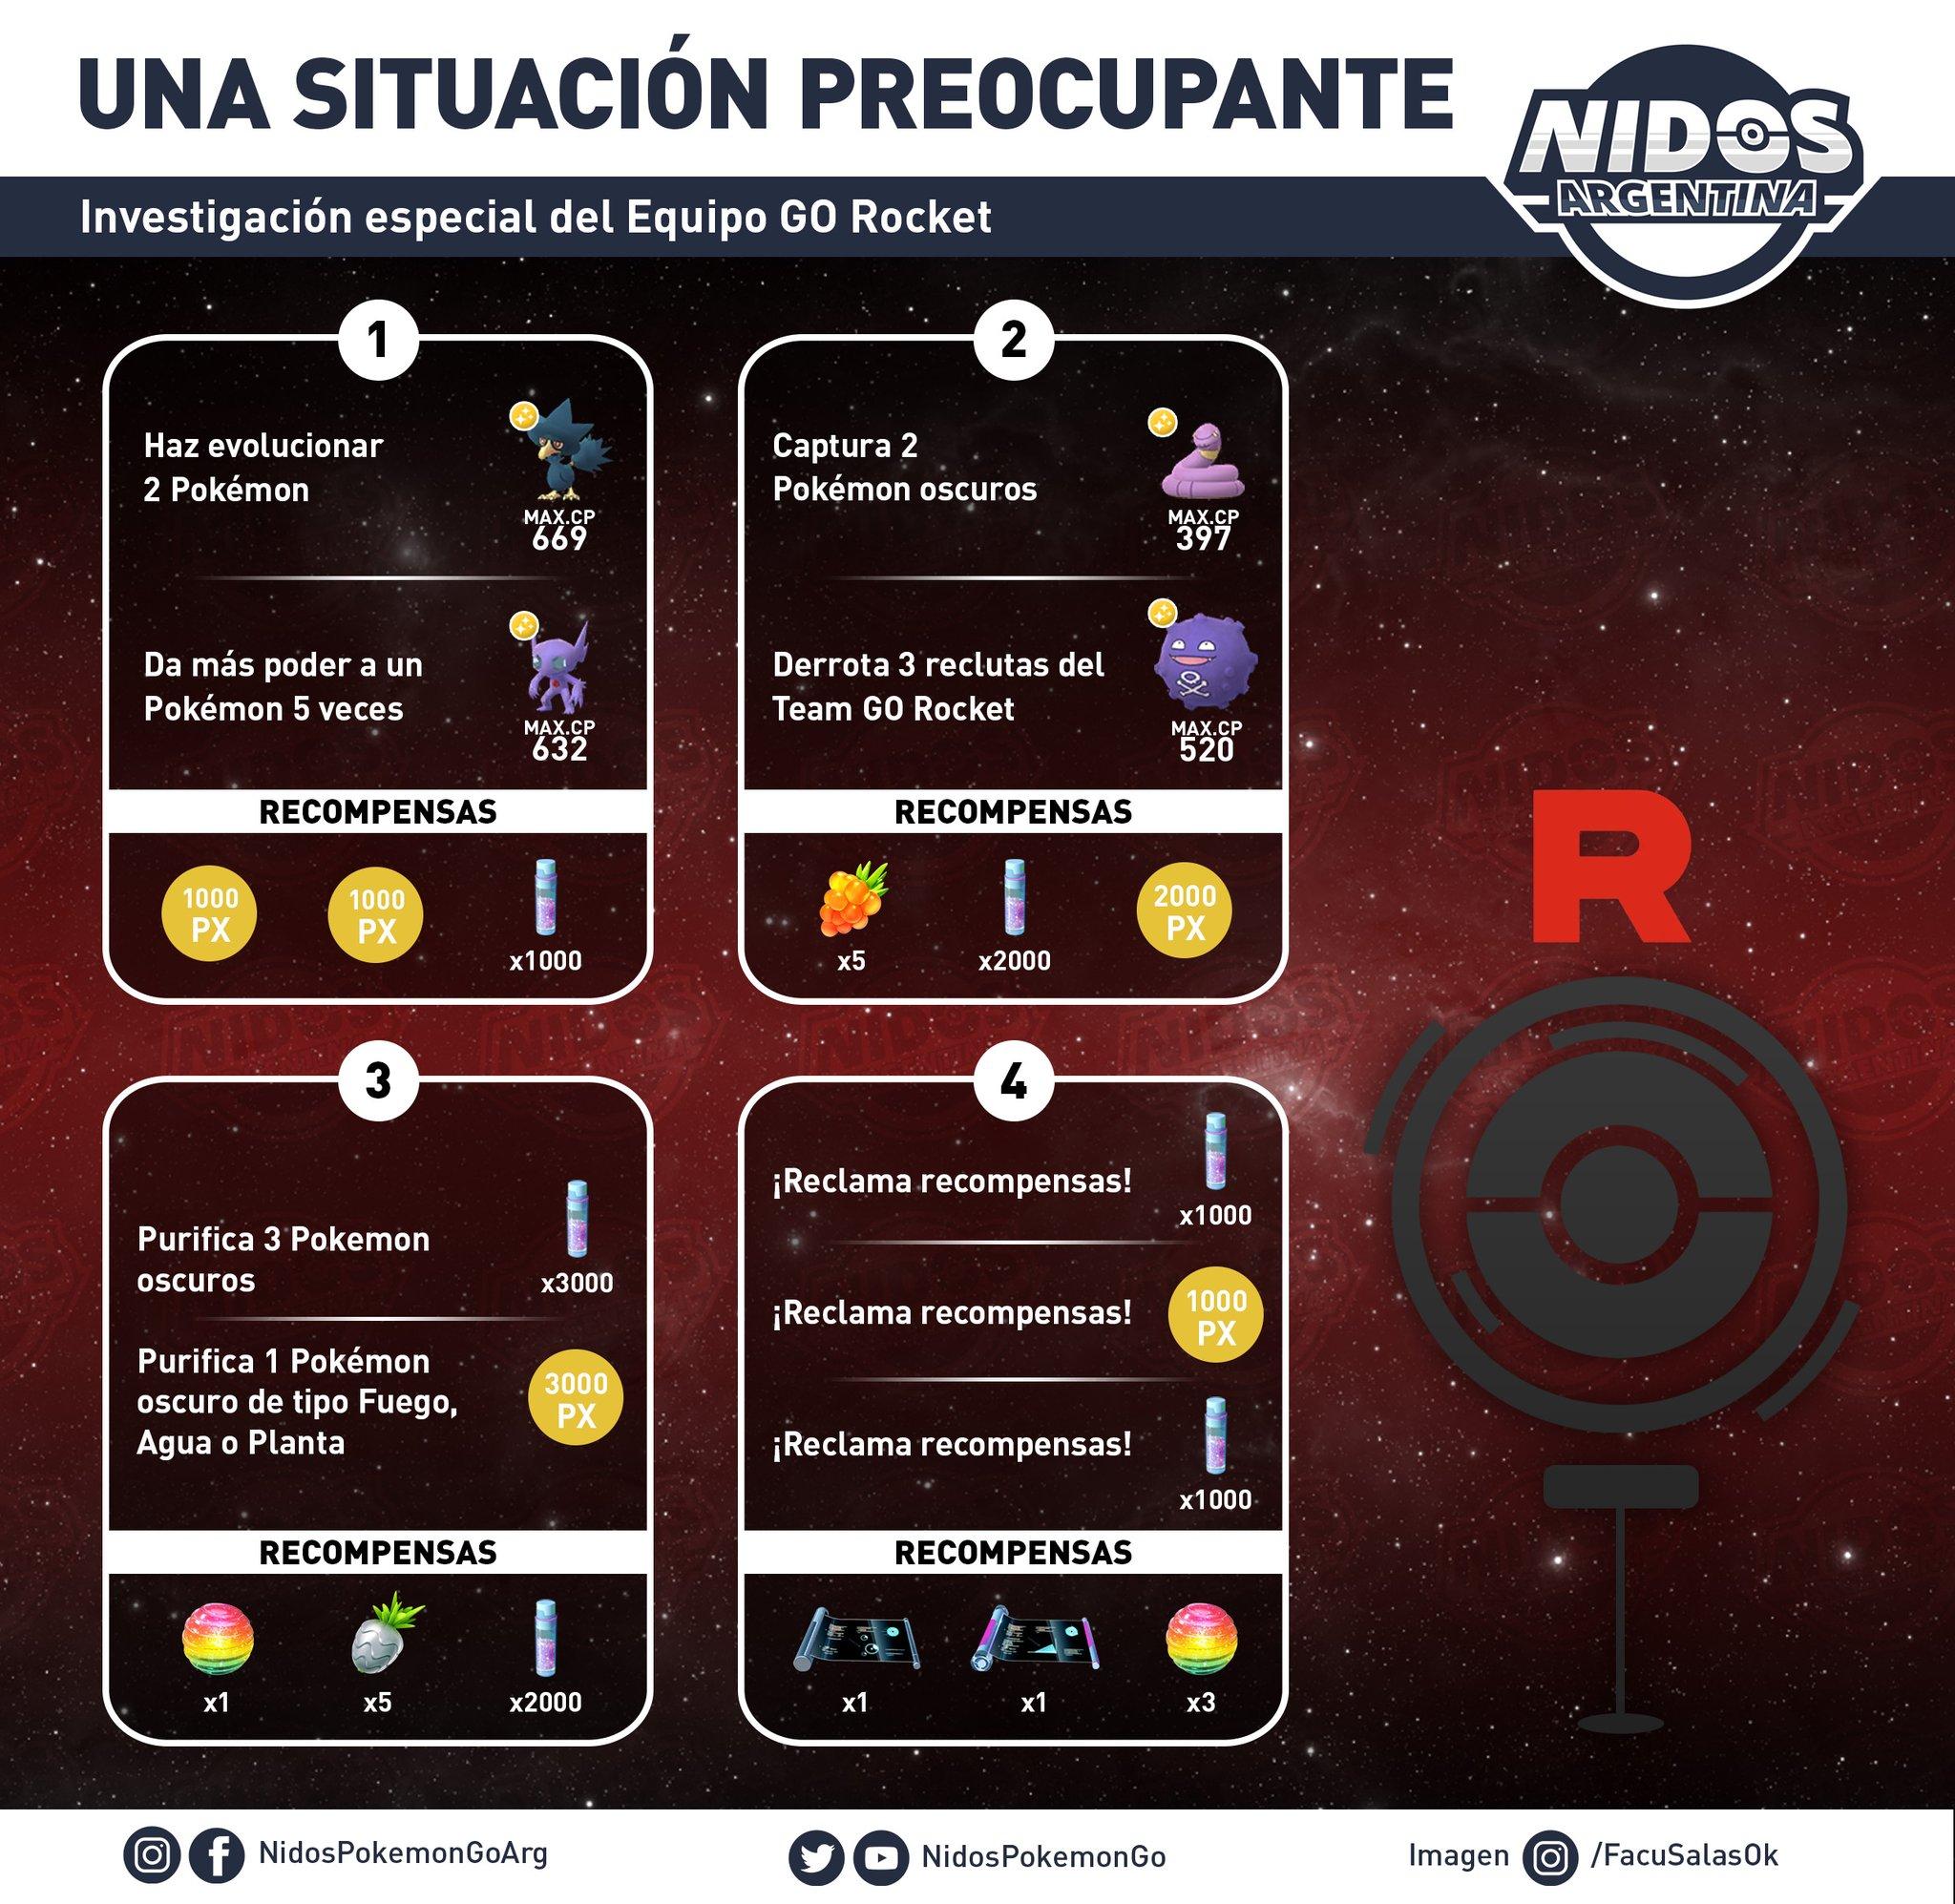 Imagen de las misiones de la investigación especial del Equipo GO Rocket hecho por Nidos Pokémon GO Argentina